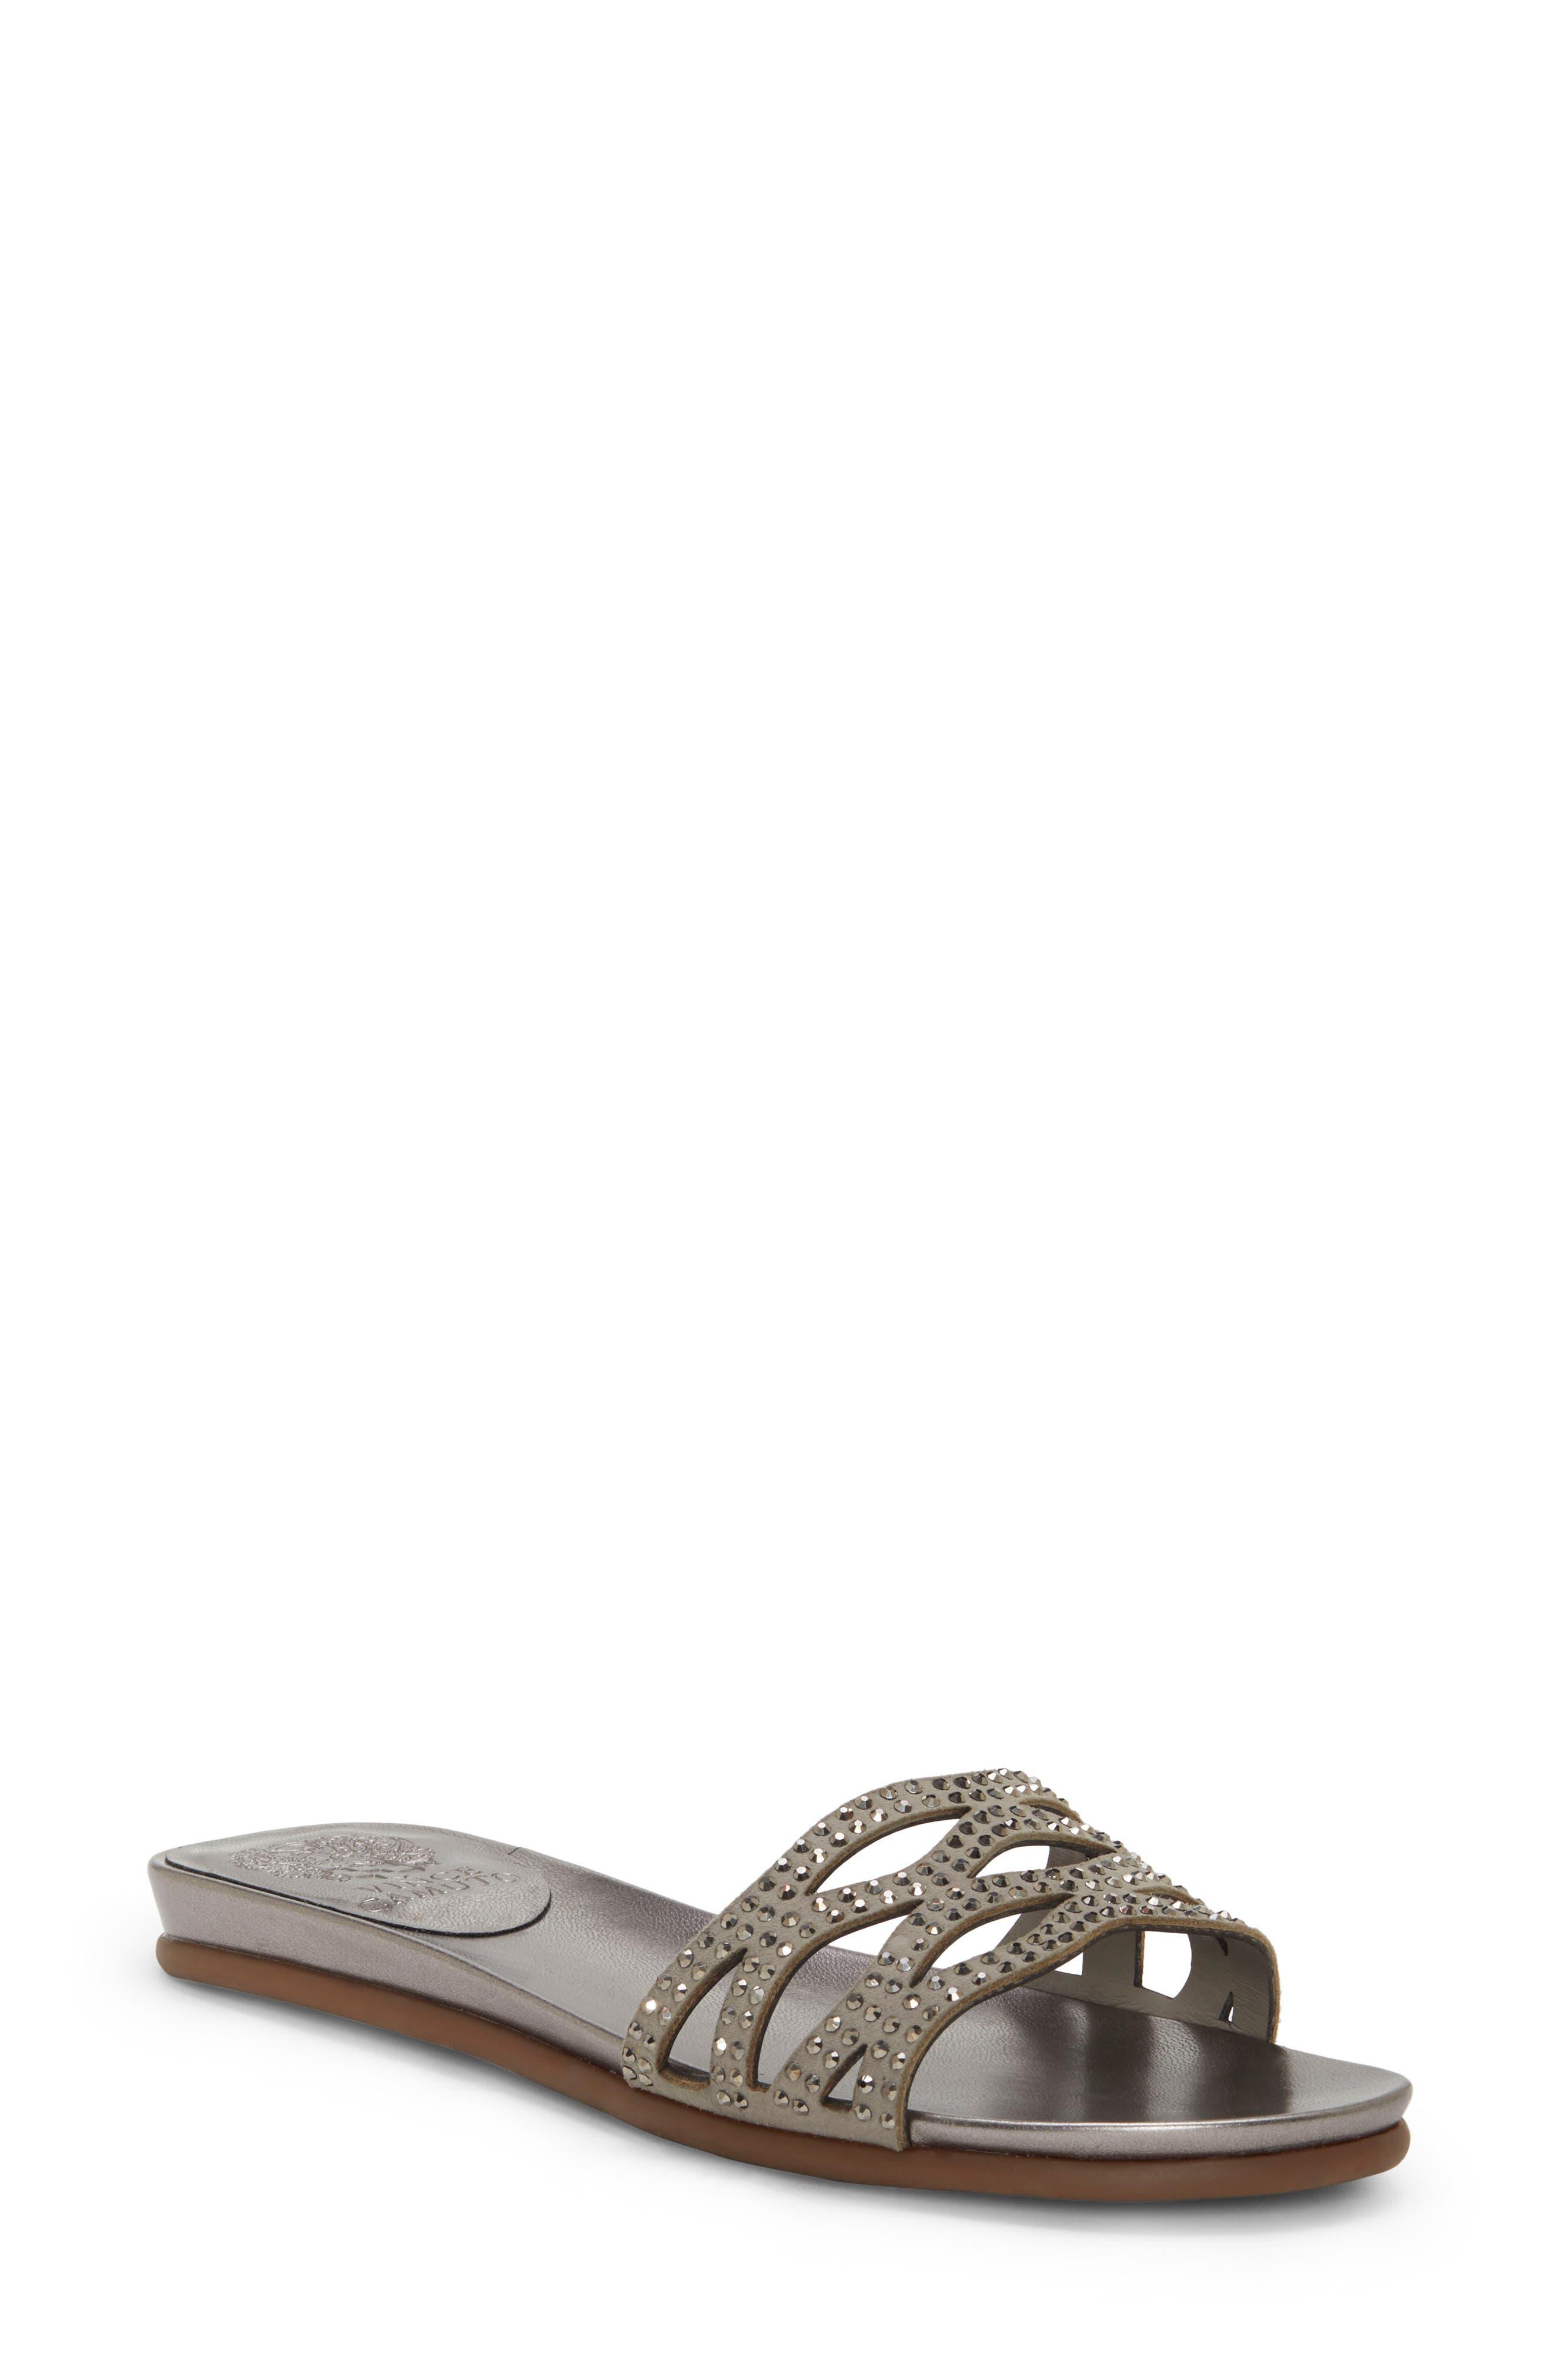 Vince Camuto Empiana Crystal Embellished Slide Sandal- Grey